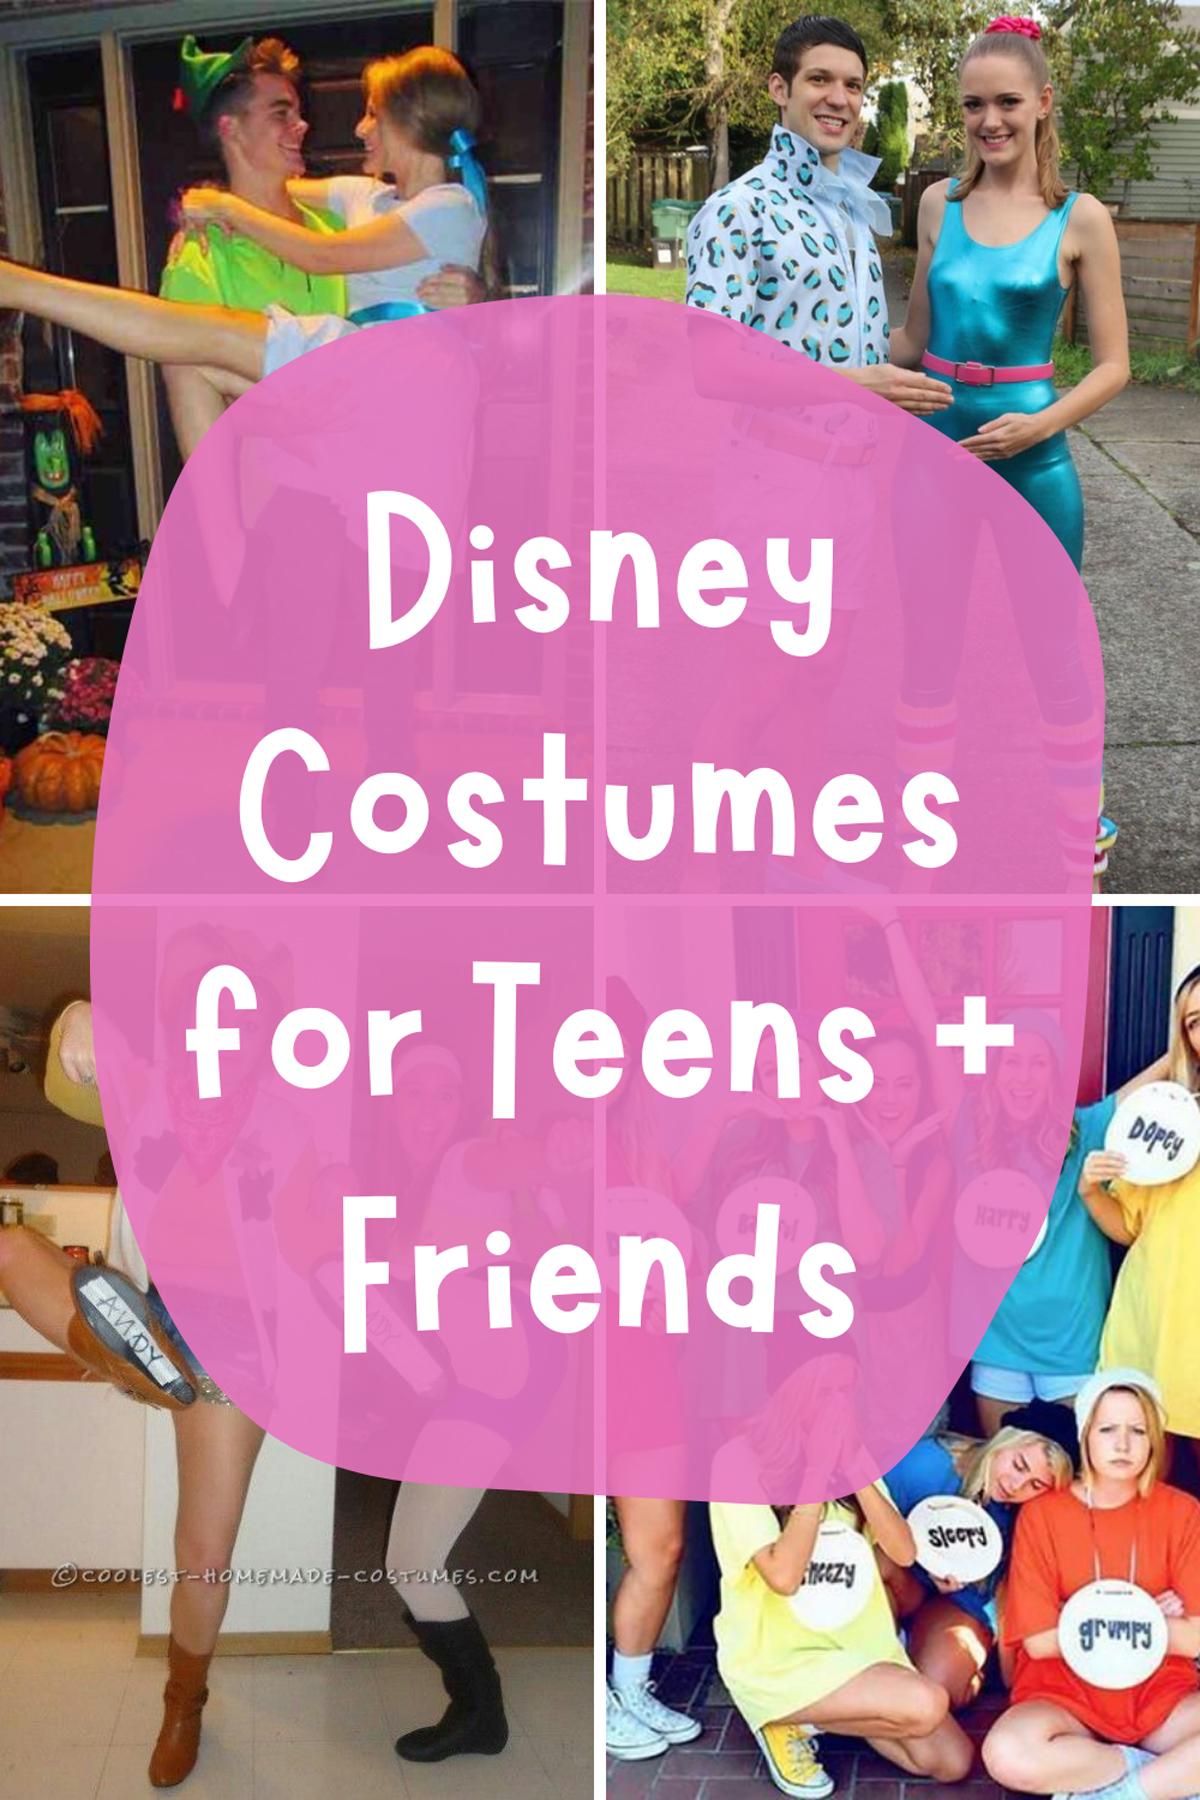 Disney Costumes for Tweens